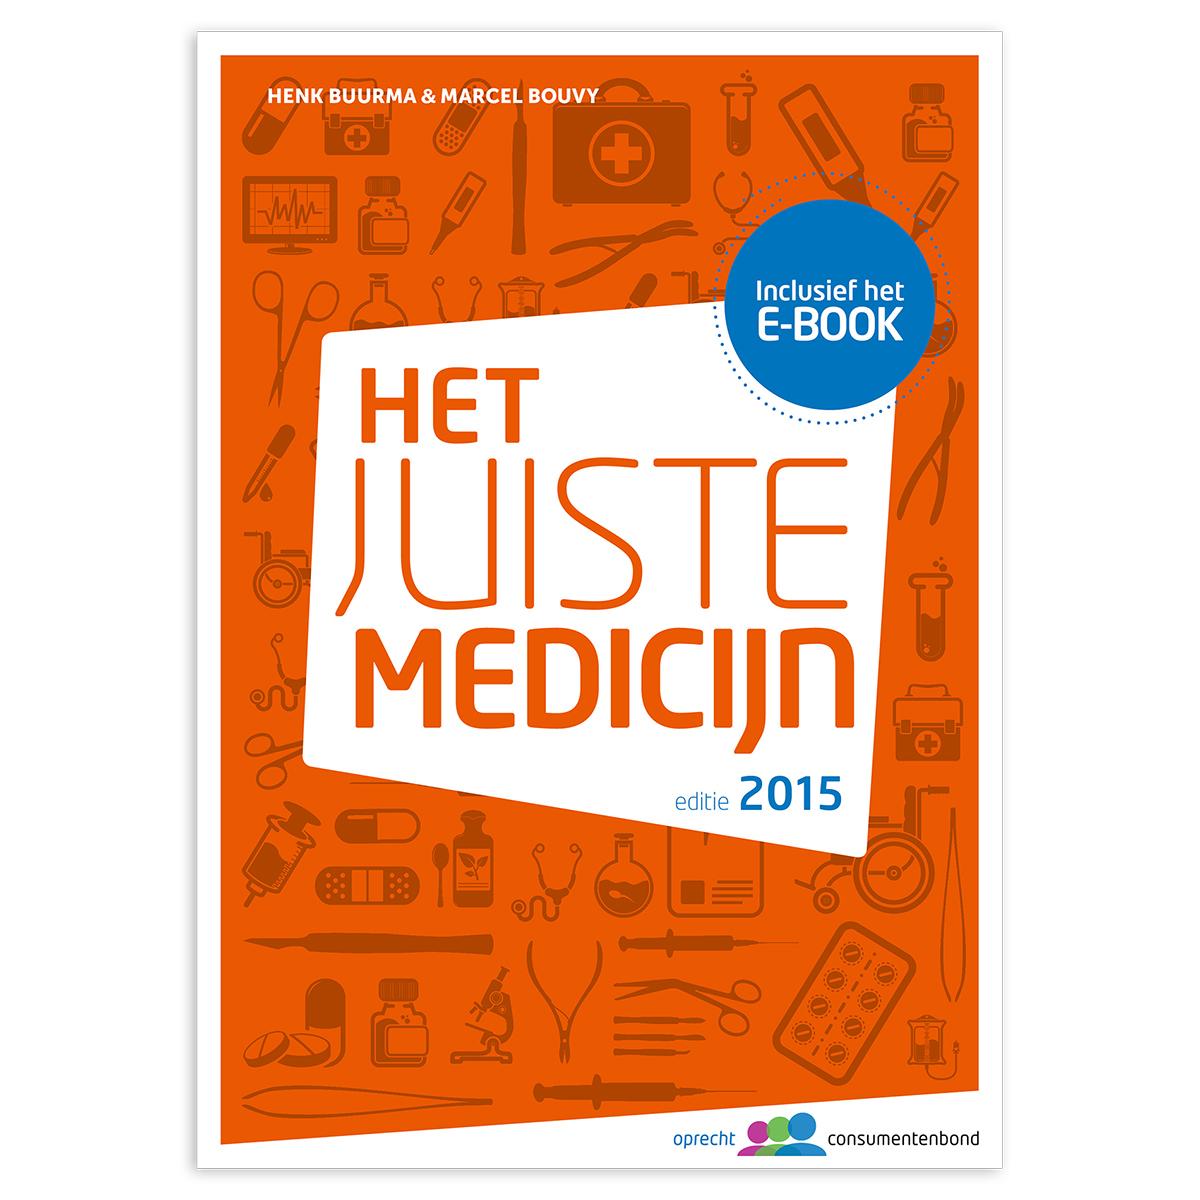 Het-Juiste-Medicijn_cover-WW-